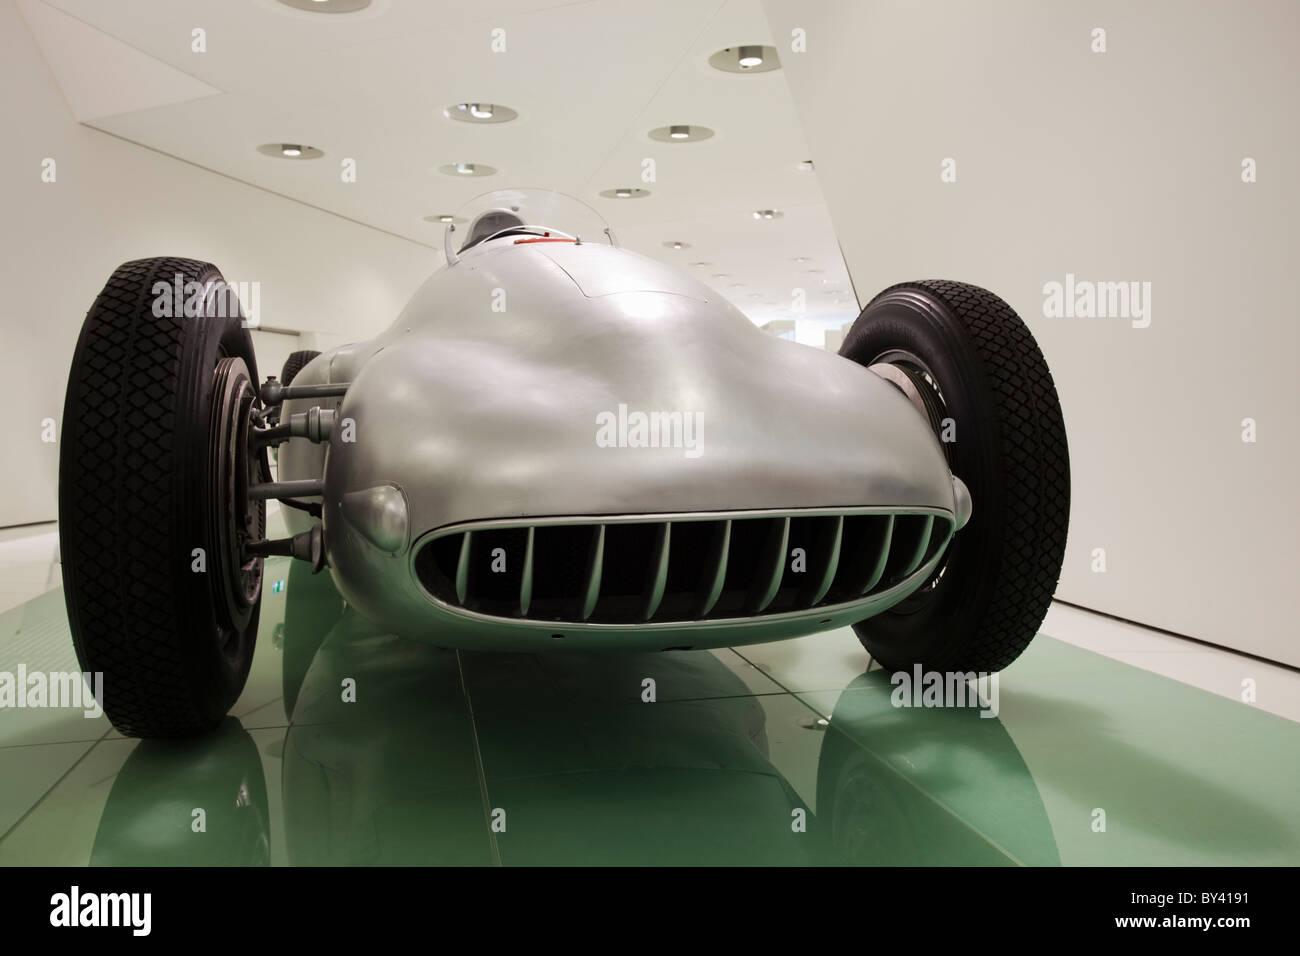 Germany,Stuttgart, Porsche Museum, 1947 Porsche 360 Cisitalia on display - Stock Image